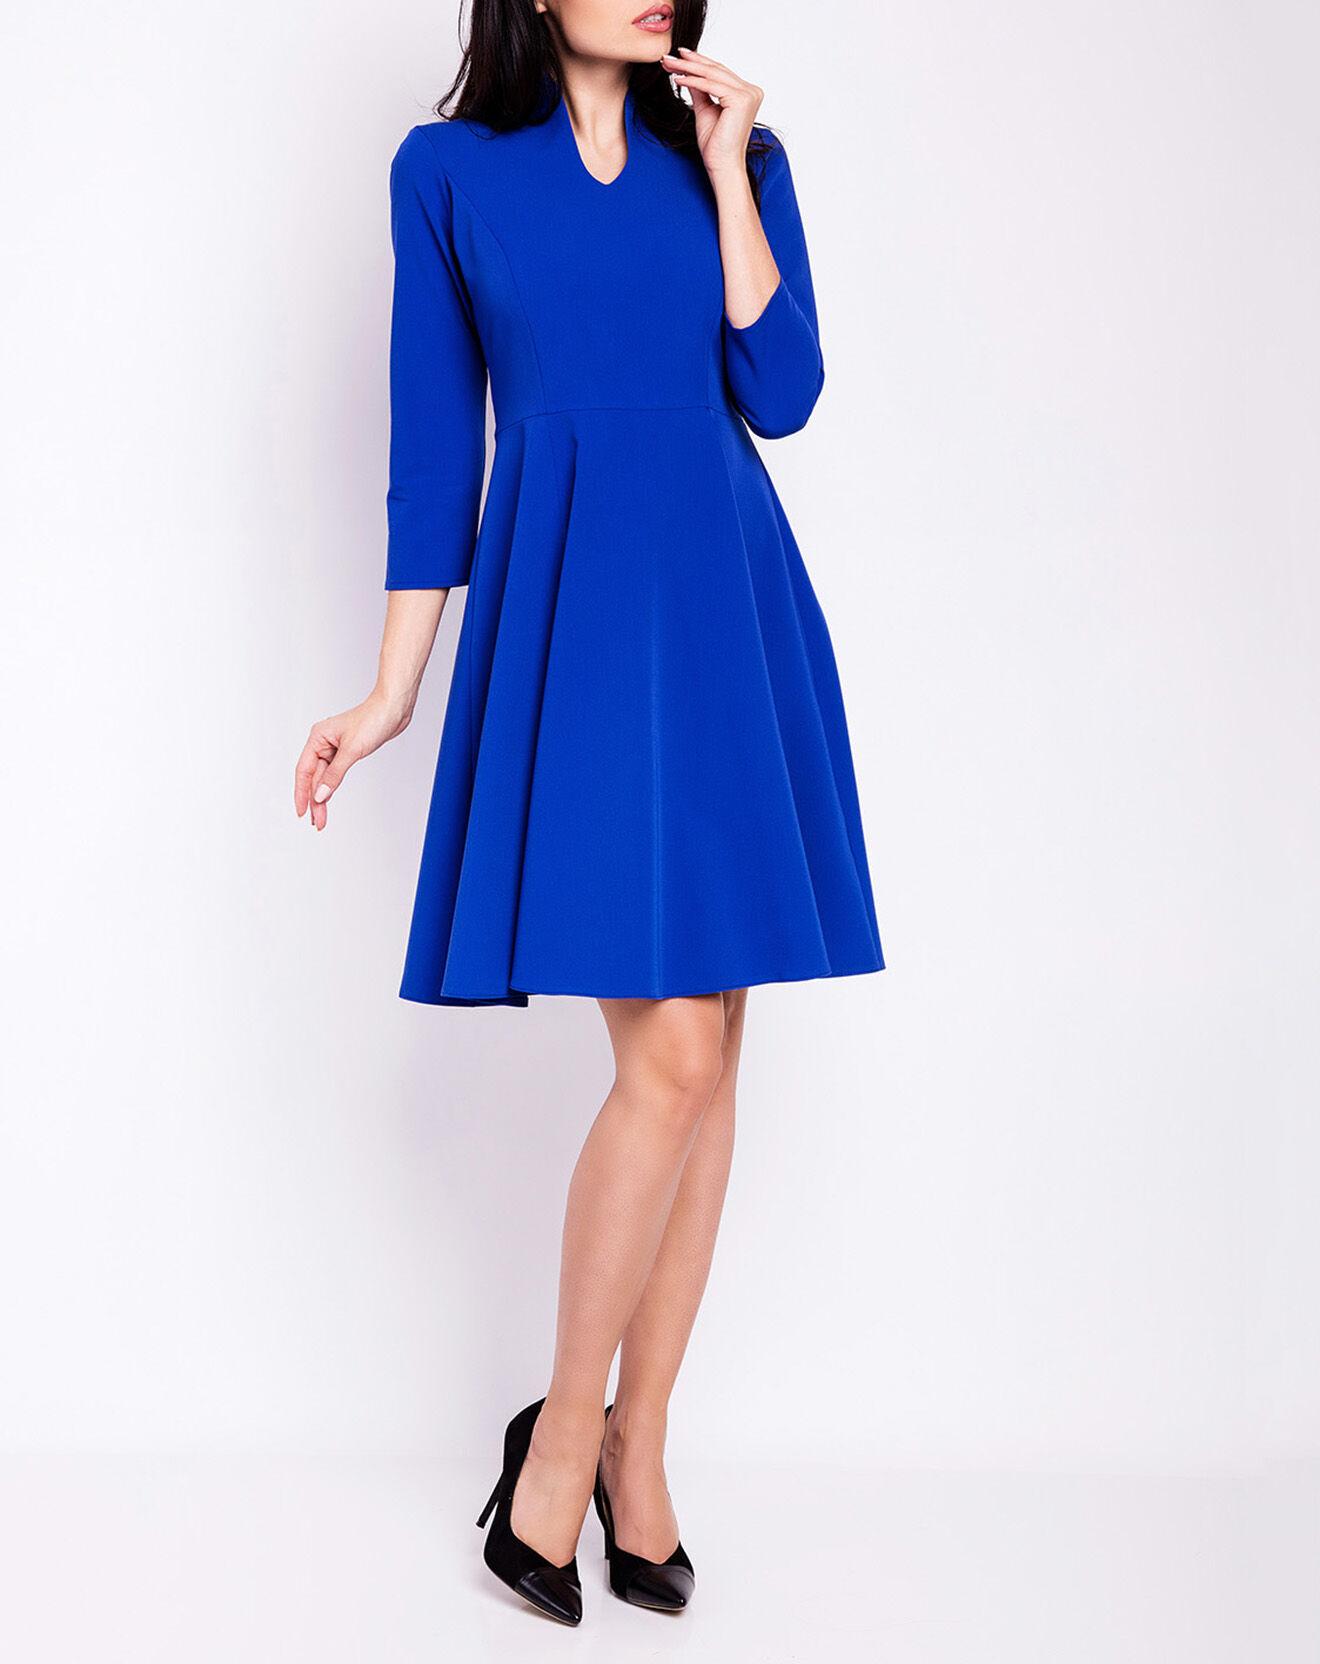 Robe unie bleue